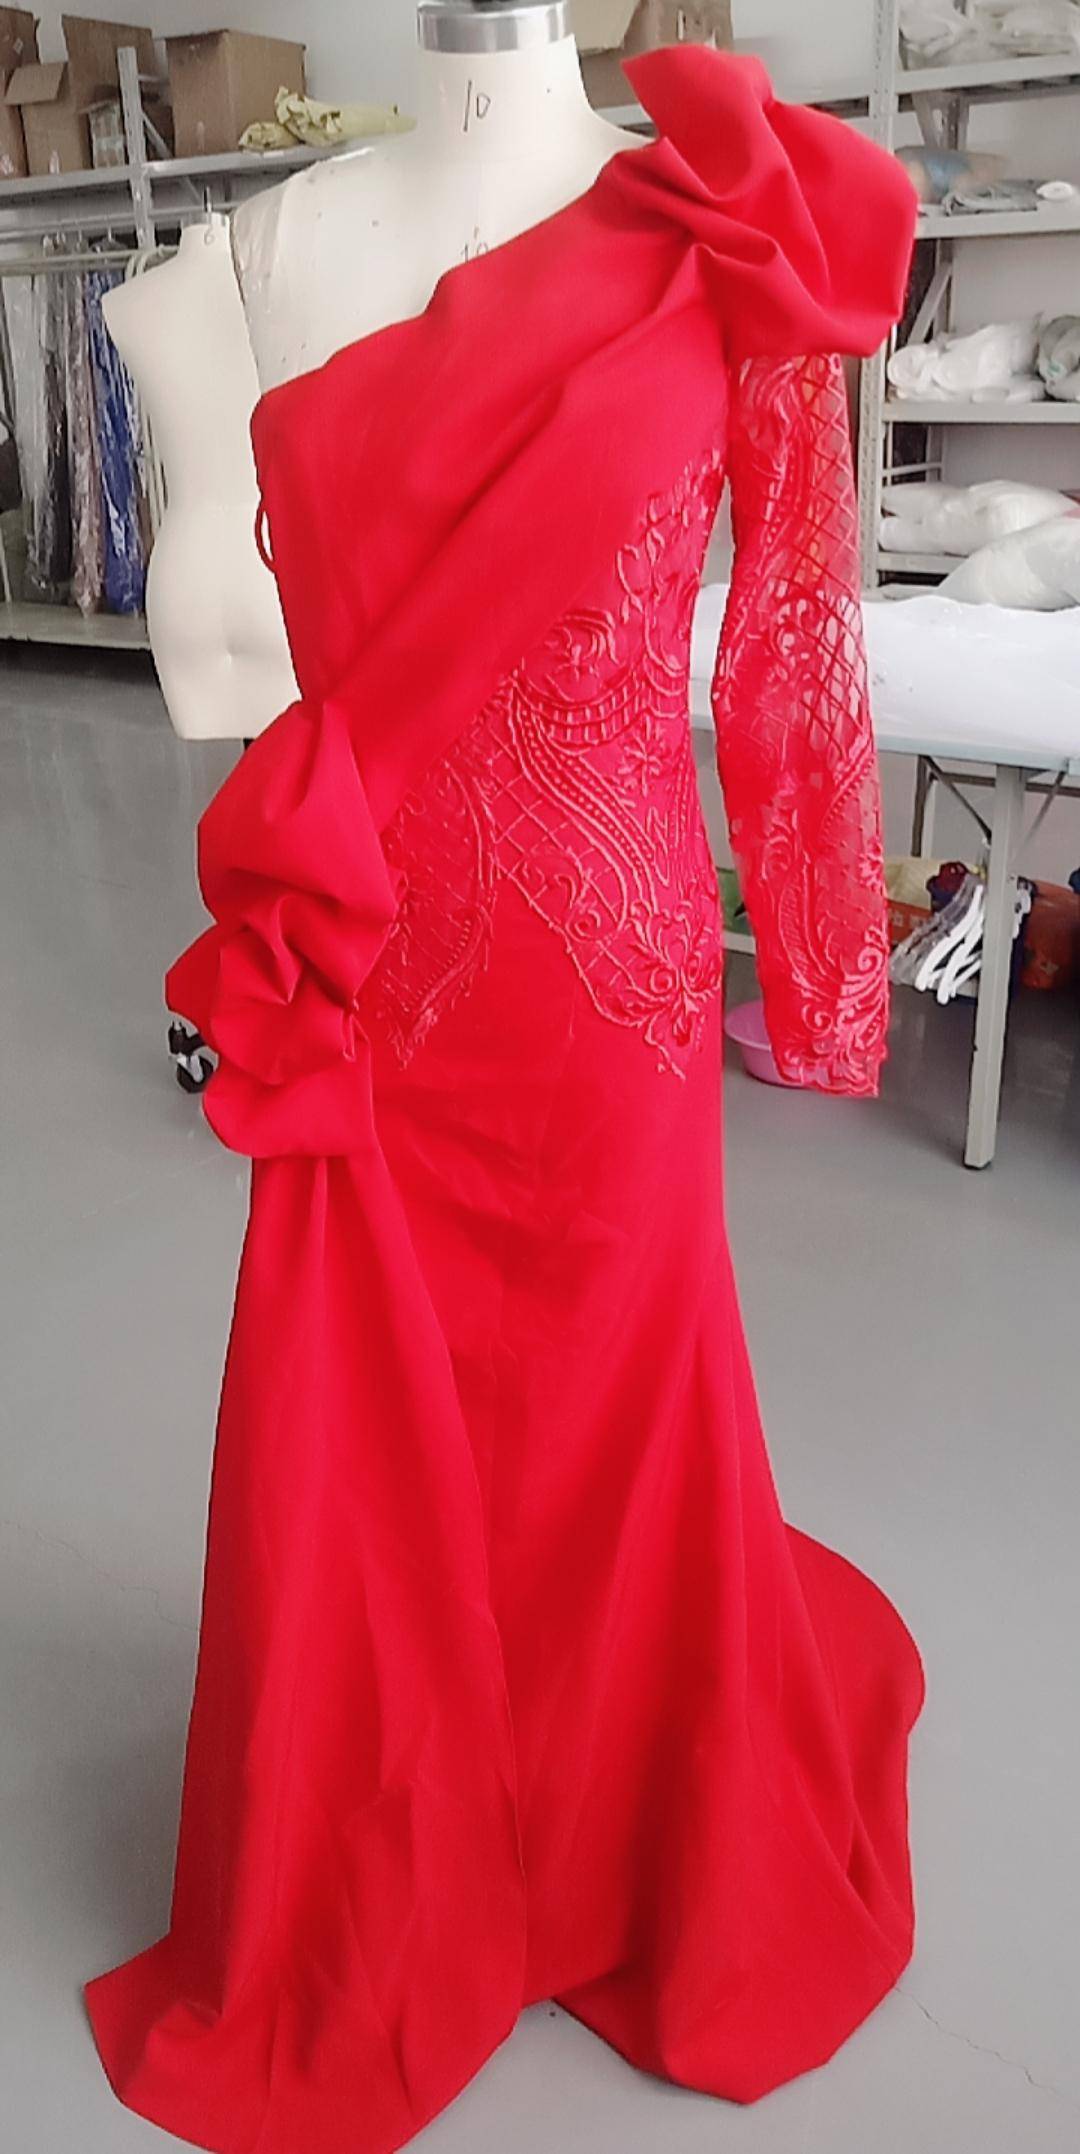 2021本物の写真人魚の花嫁介添人ドレスワンショルダーロングビーチビンテージ結婚式ゲストガウンレースパーティーアラビアメイドの名誉ドレス